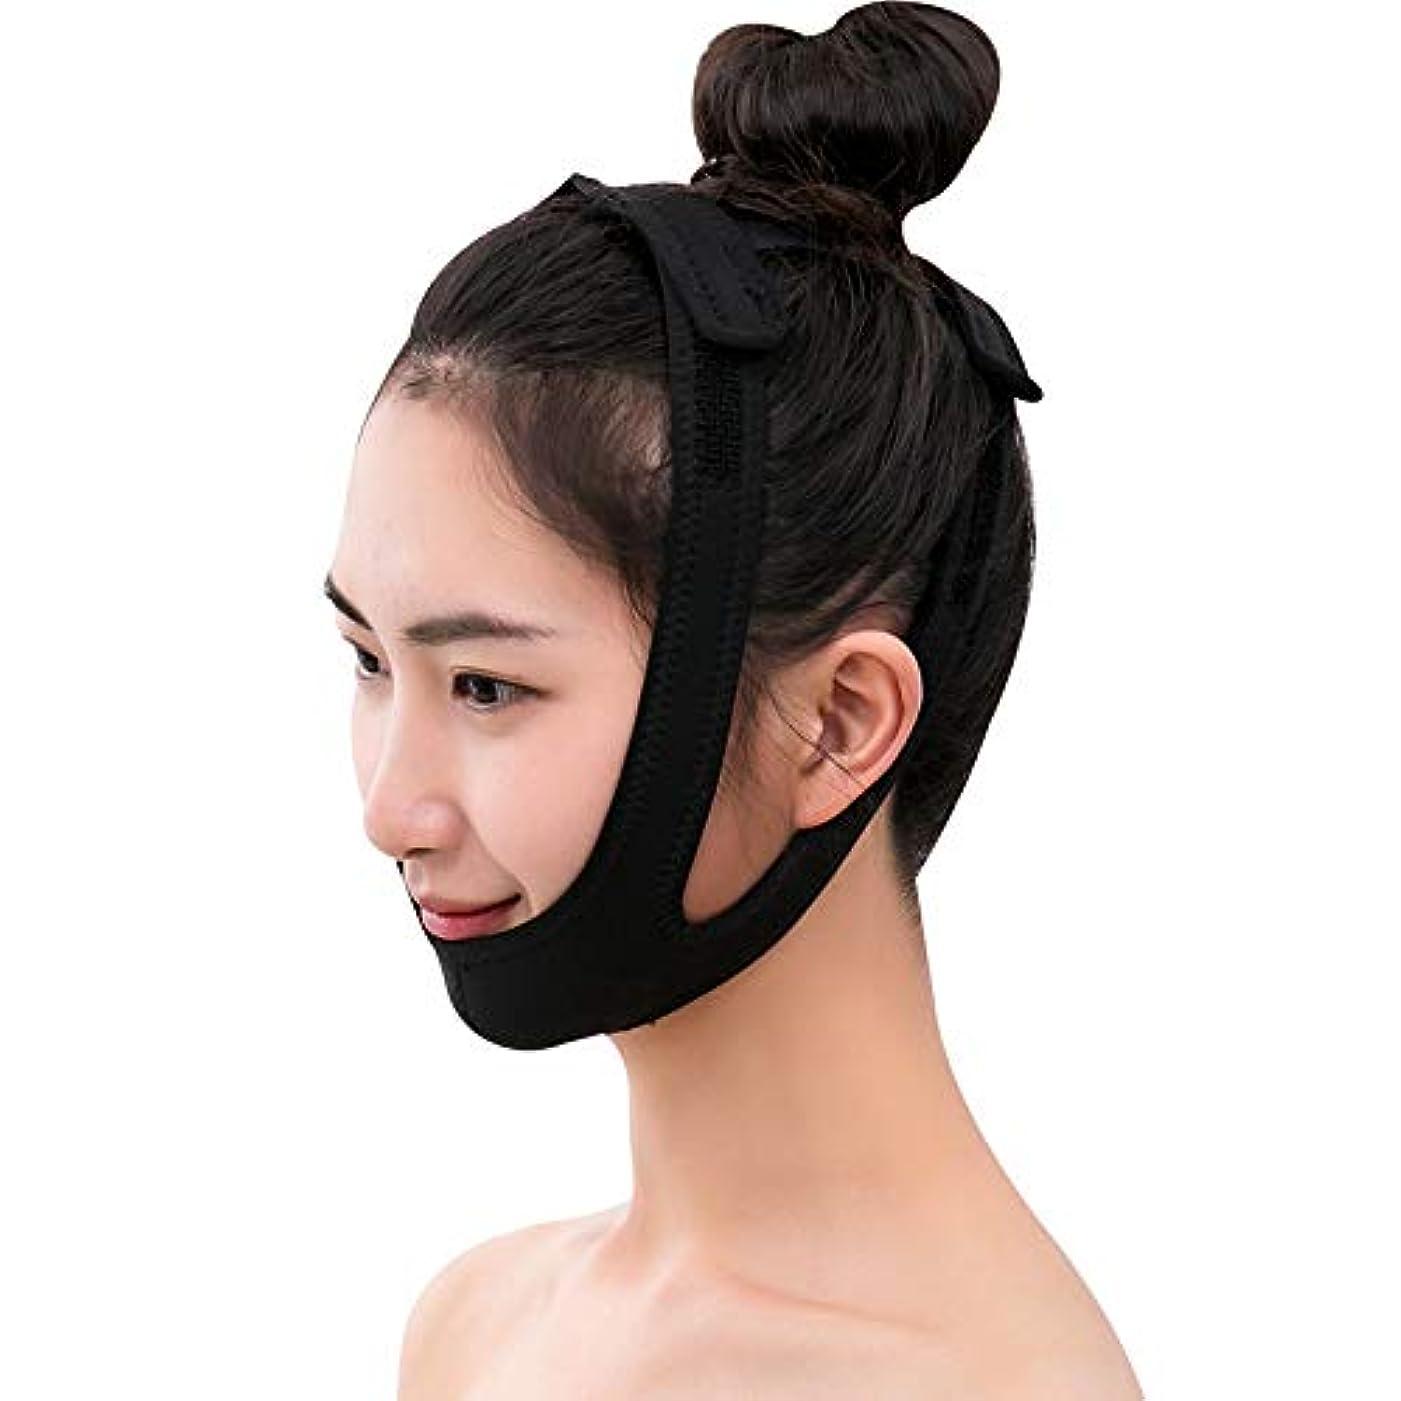 知り合いテレビ局派生するフェイスリフティング包帯、Vフェイス睡眠フェイスマスク、整形と持ち上げ、ダブルチンストラップ